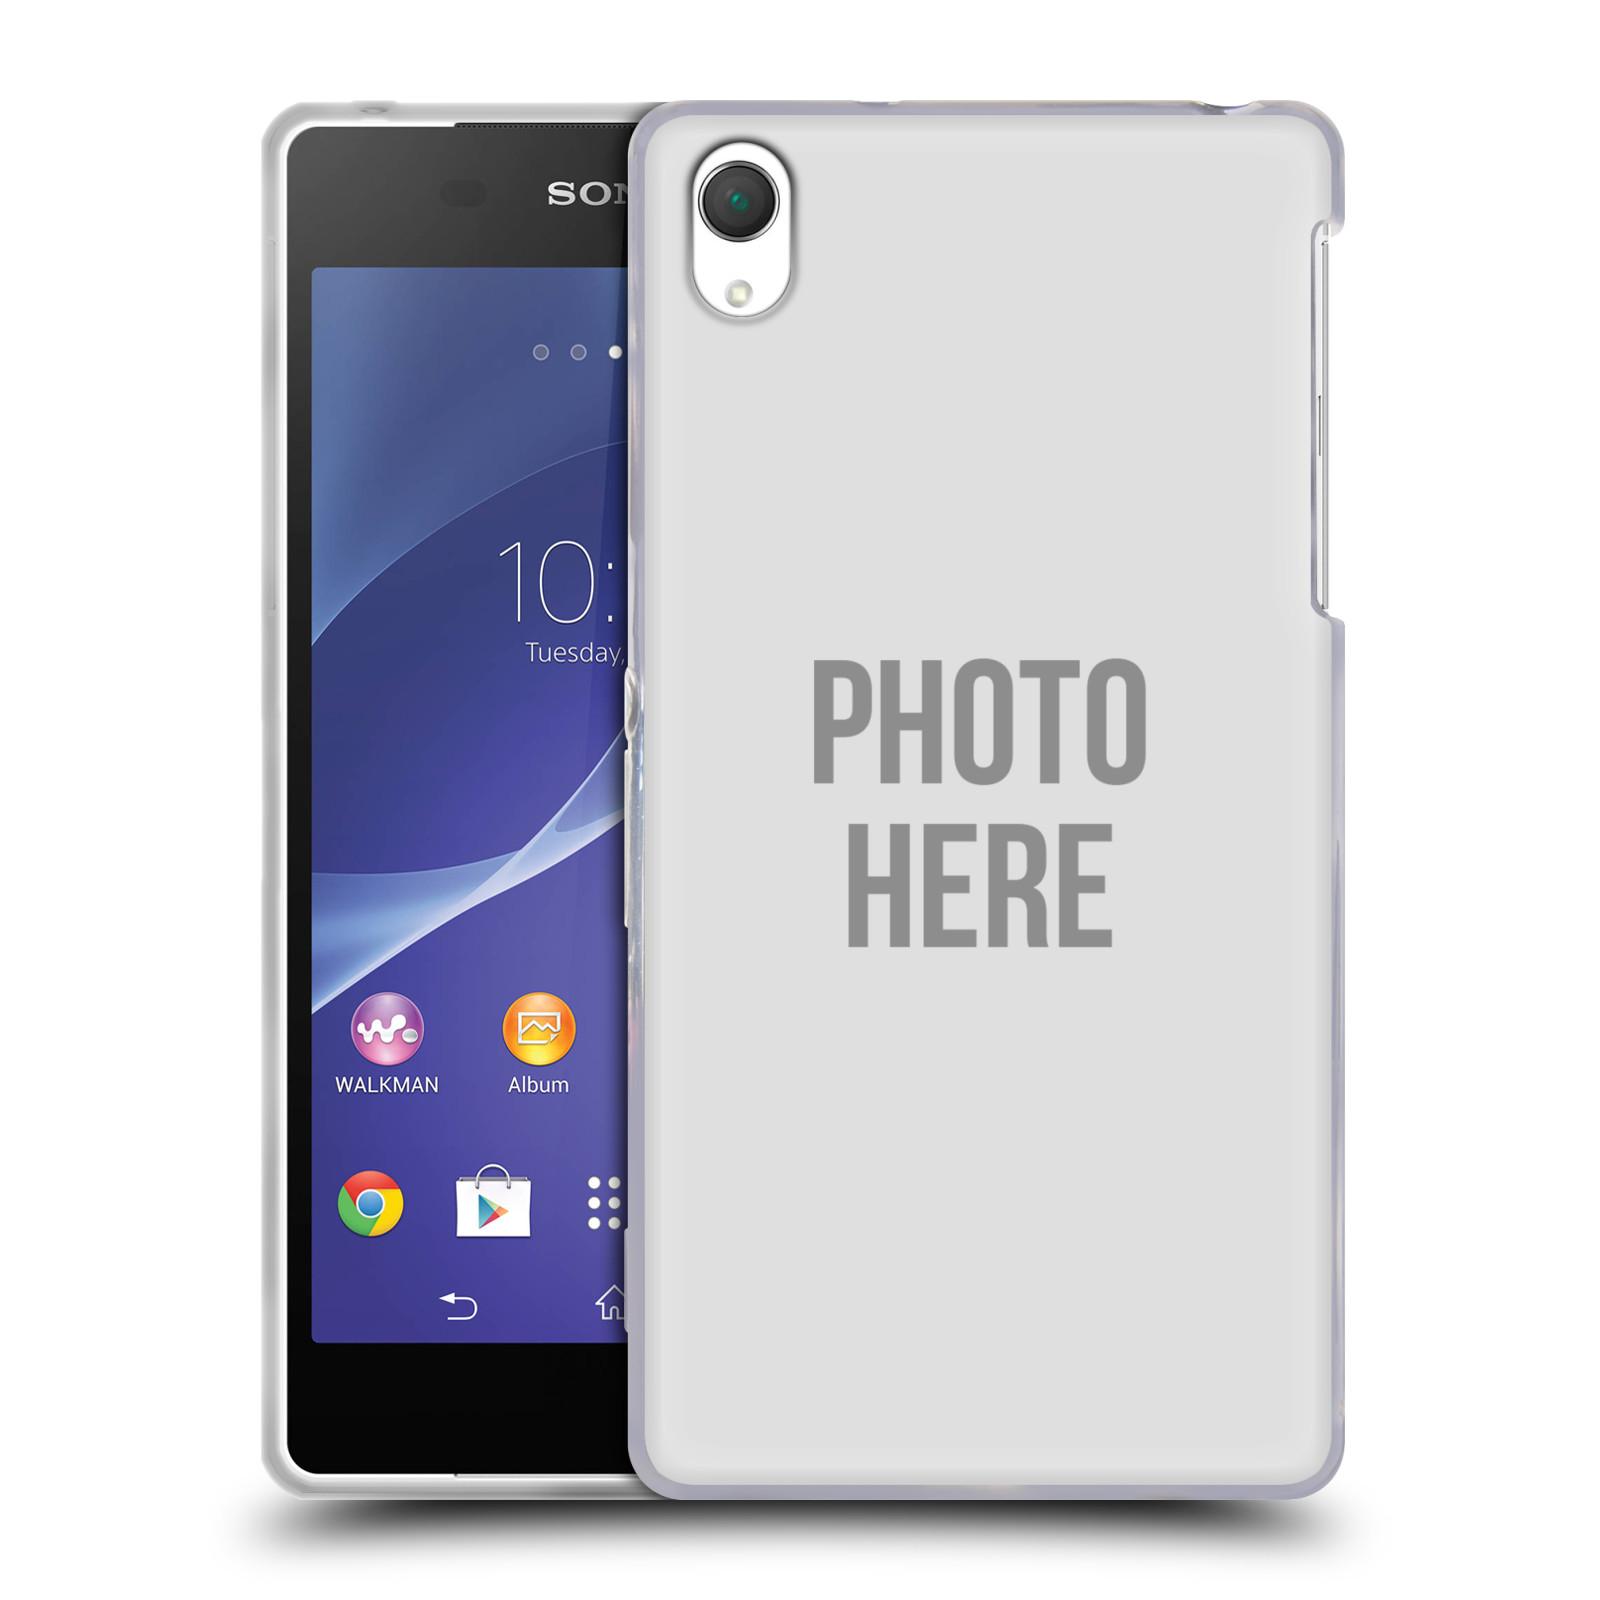 Silikonové pouzdro na mobil Sony Xperia Z2 D6503 HEAD CASE s vlastním motivem (Silikonový kryt či obal s vlastní fotografií na mobilní telefon Sony Xperia Z2)